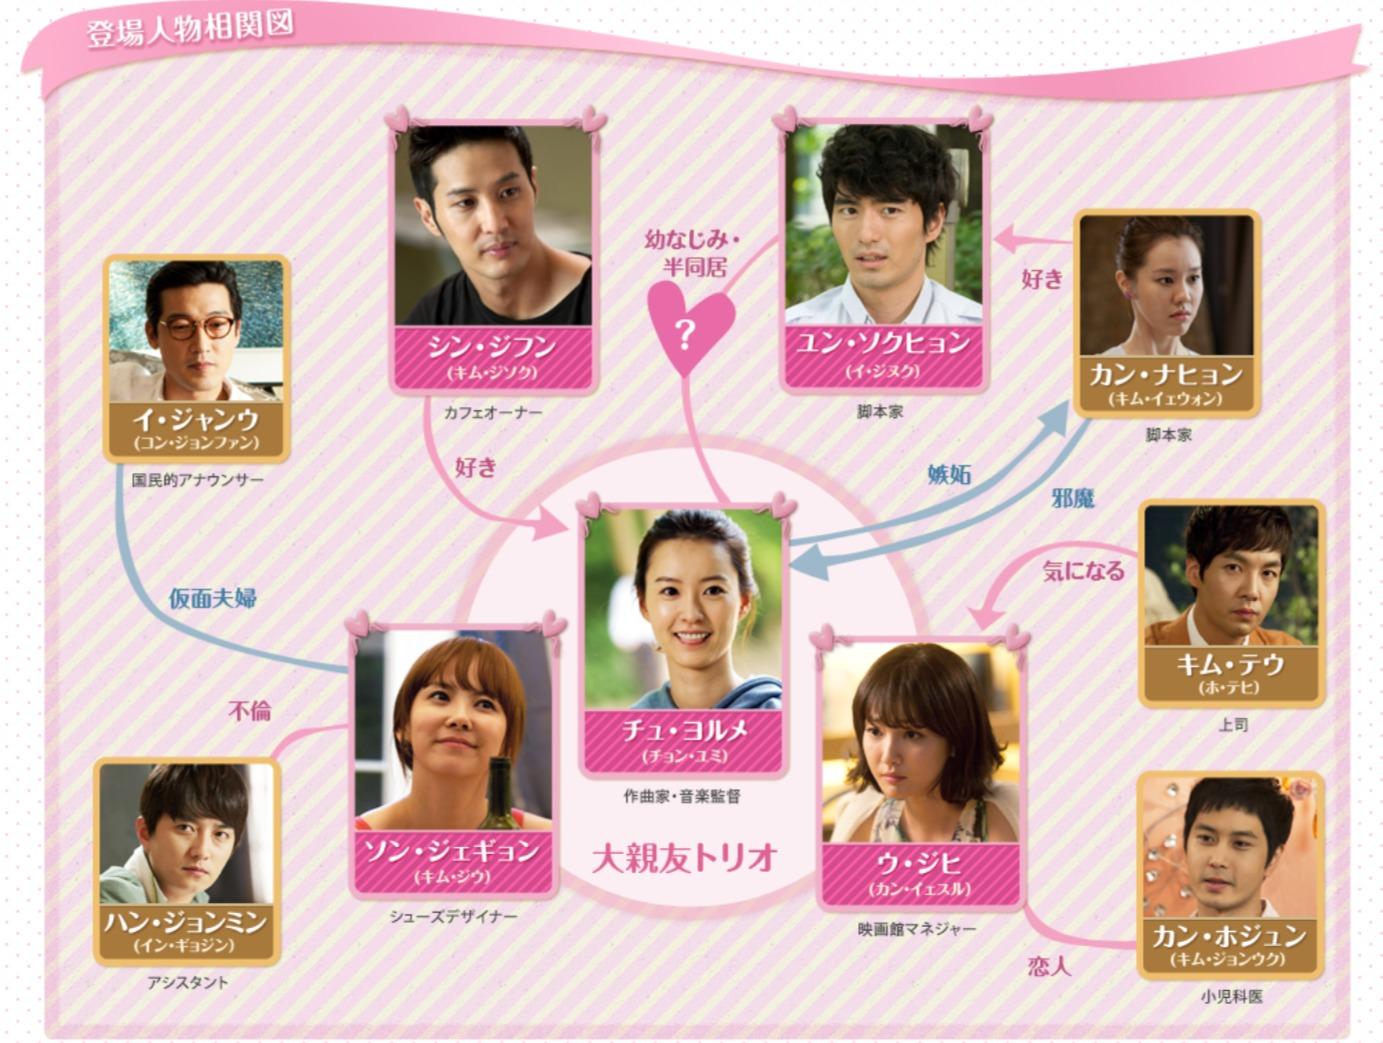 韓国ドラマ『ロマンスが必要2』登場人物相関図(関係図)